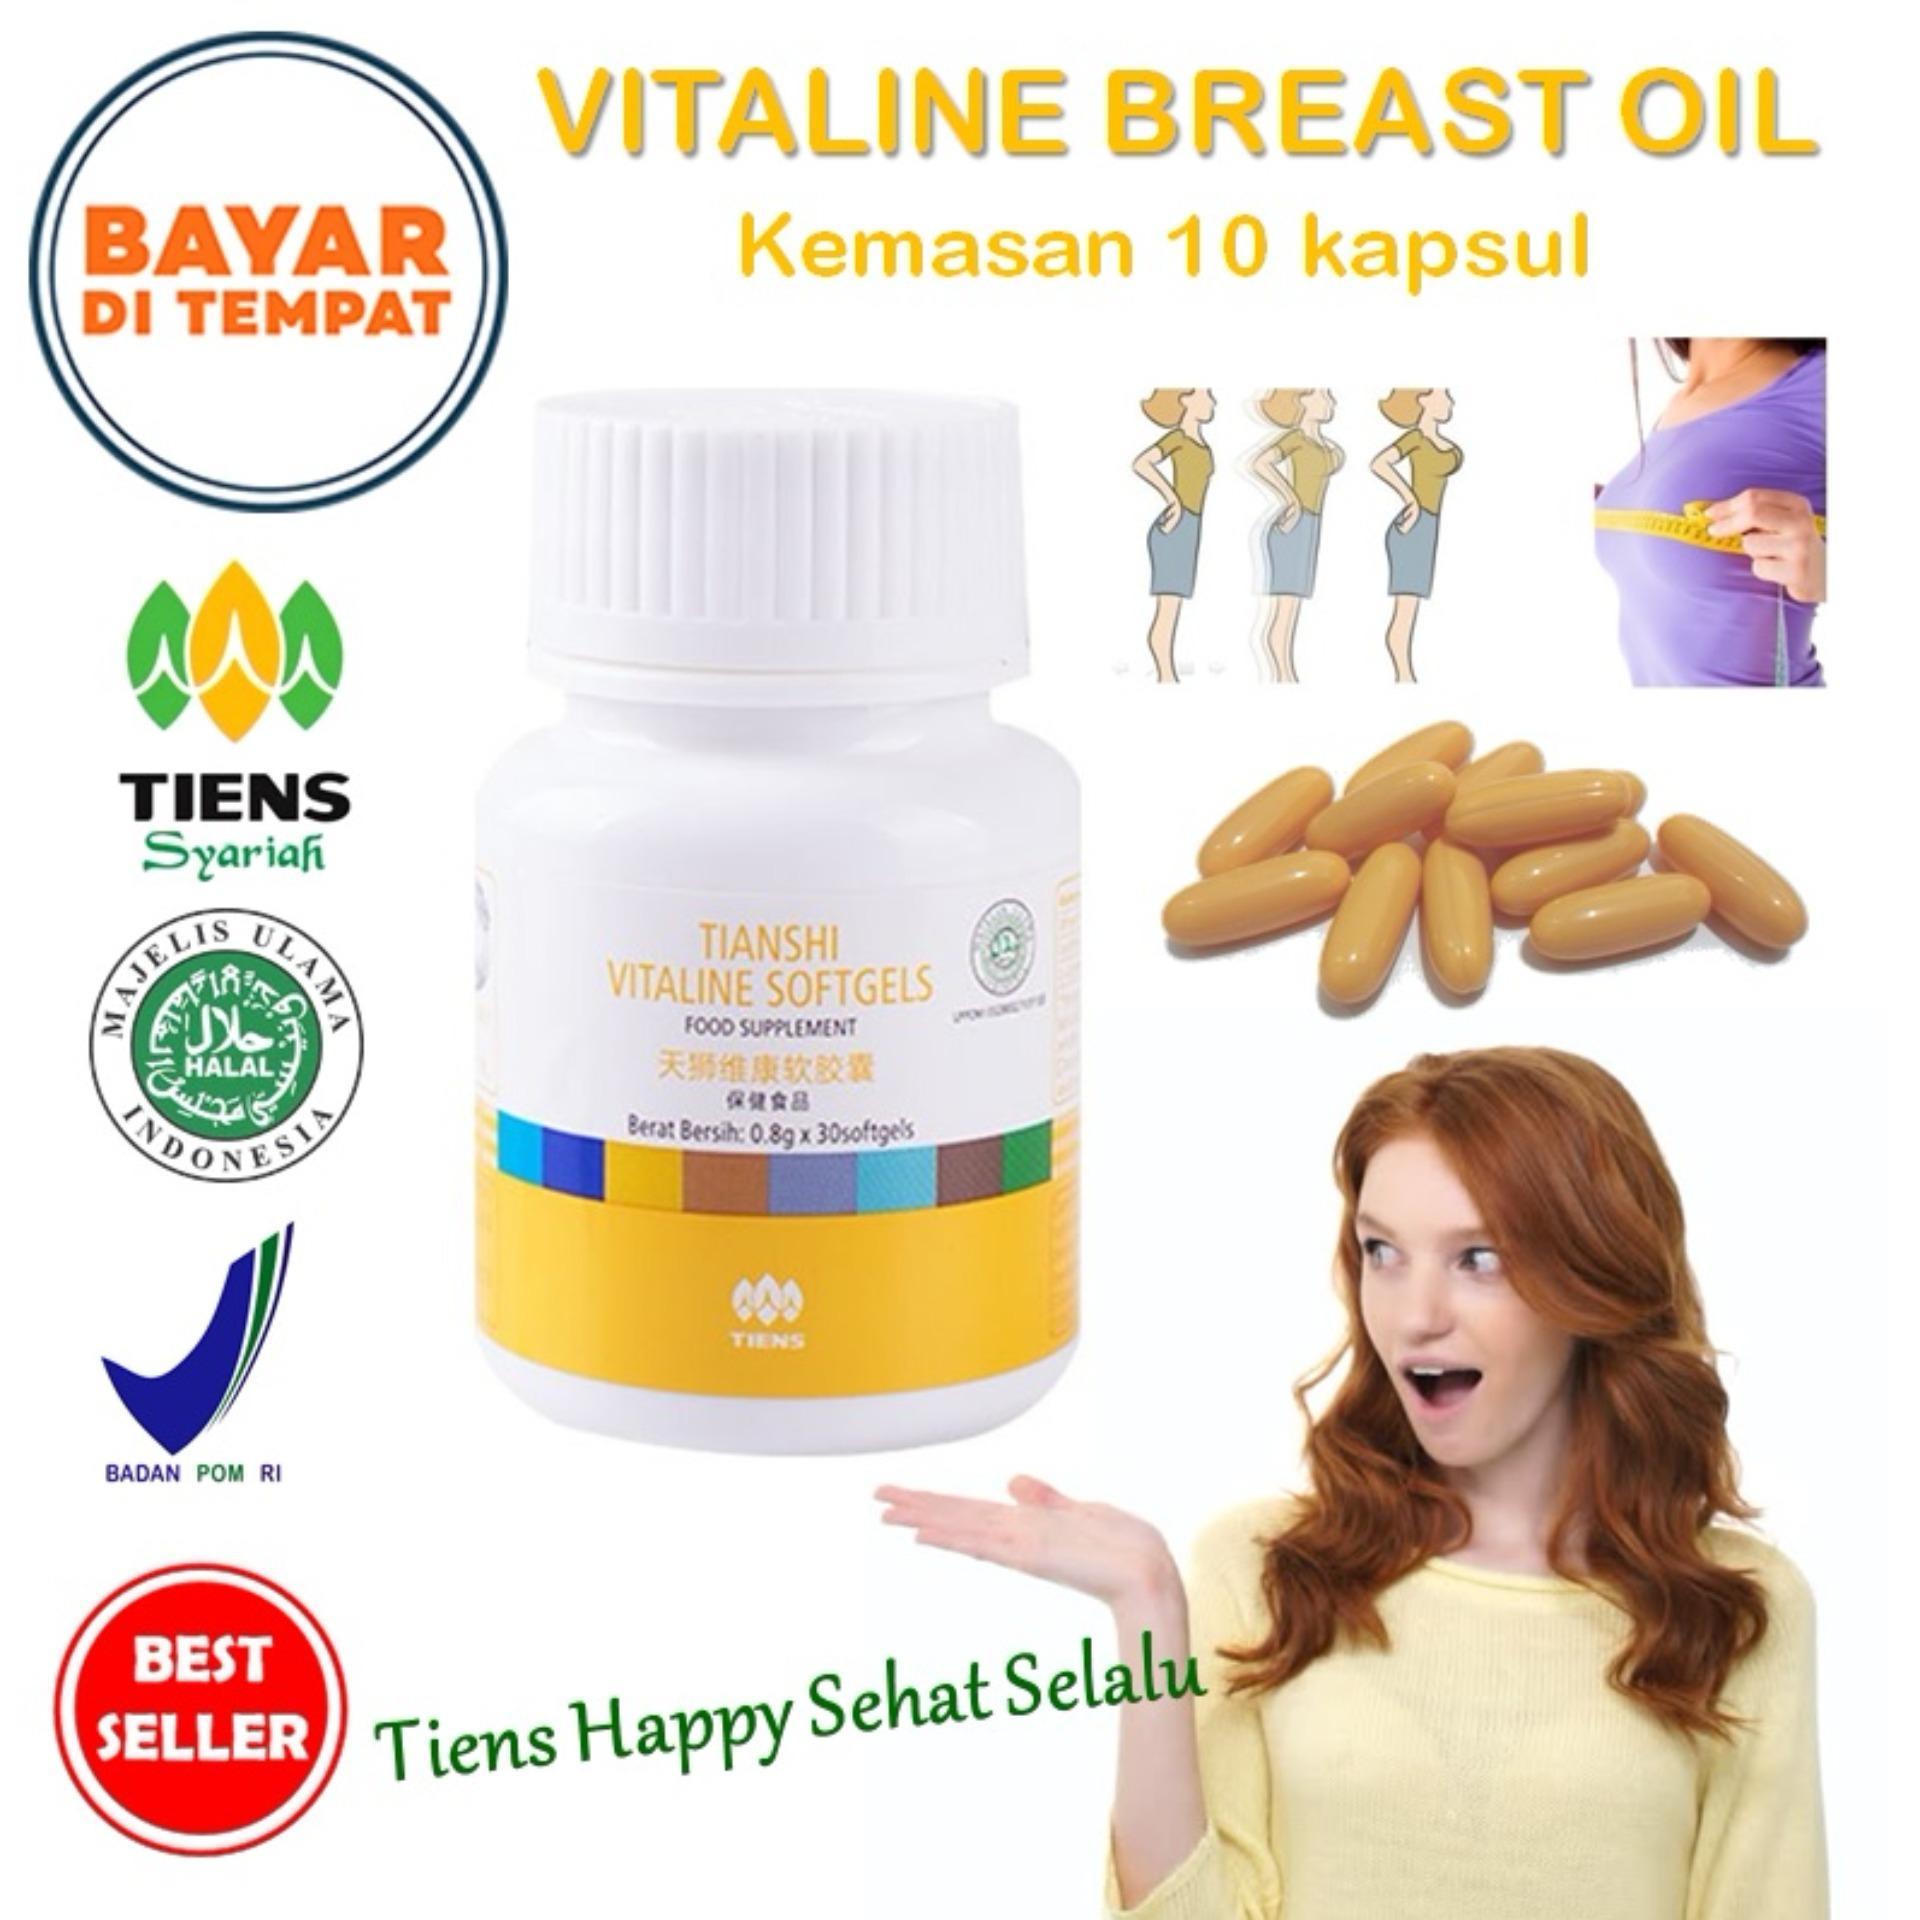 Harga Tiens Vitaline Vitamin E Pengencang Payudara Paket Promo New